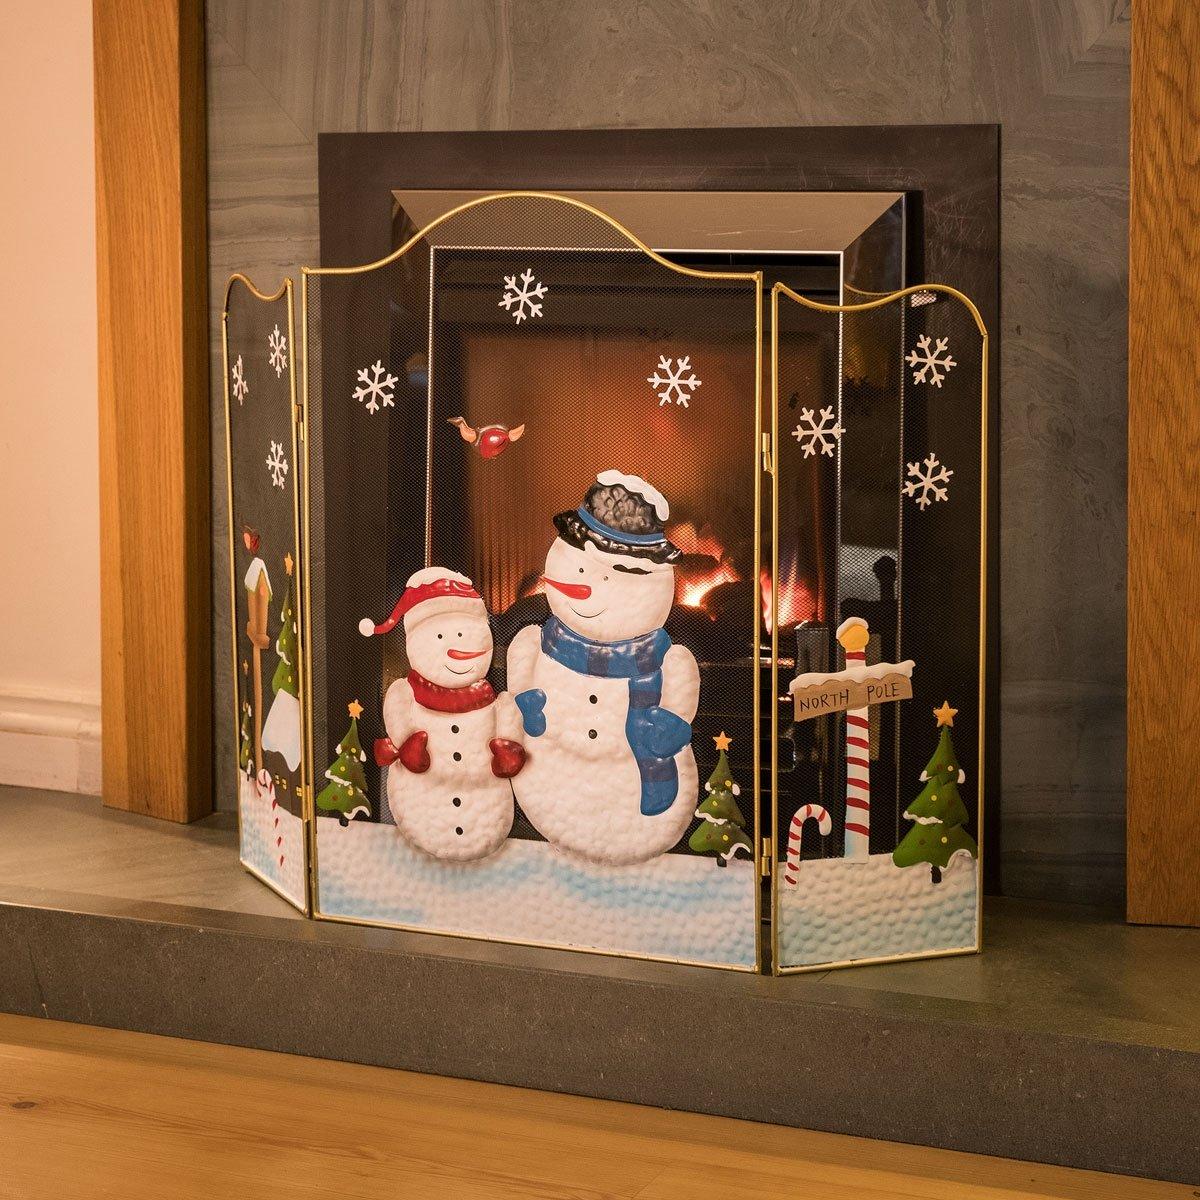 Christow 3 Panel Fireguard Fireplace Screen Snowman Christmas 61cm